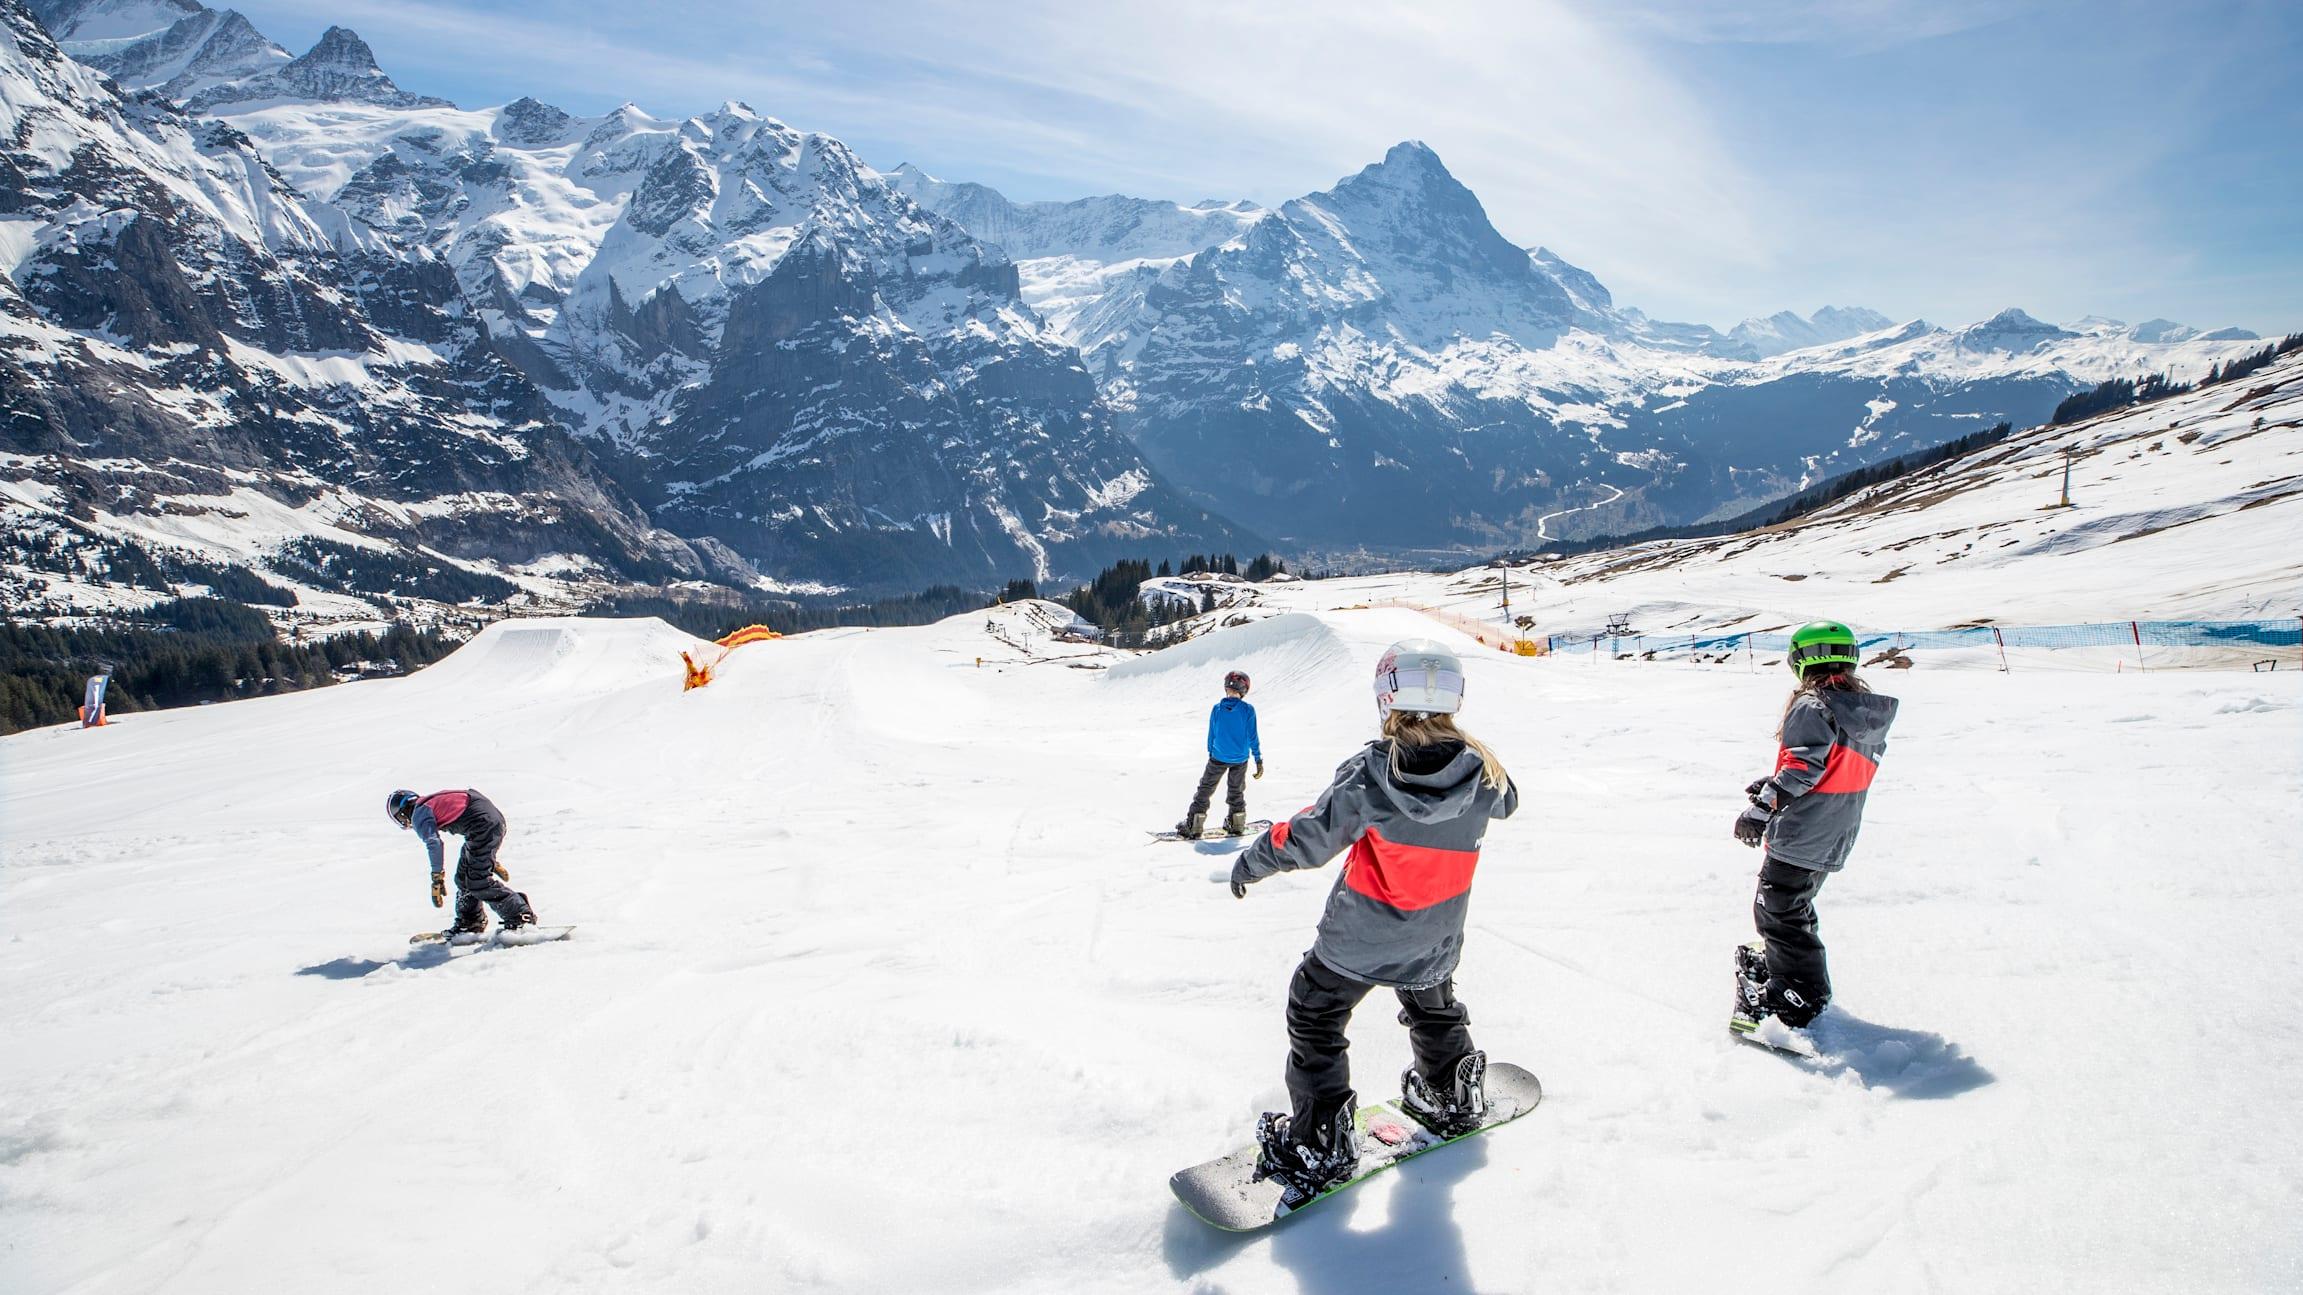 Grindelwald, Jungfraubahnen, Winter, Eiger, First, Grindelwaldfisrt, Wintersports, Kids, Kinder, Snowboarden, WhiteElements